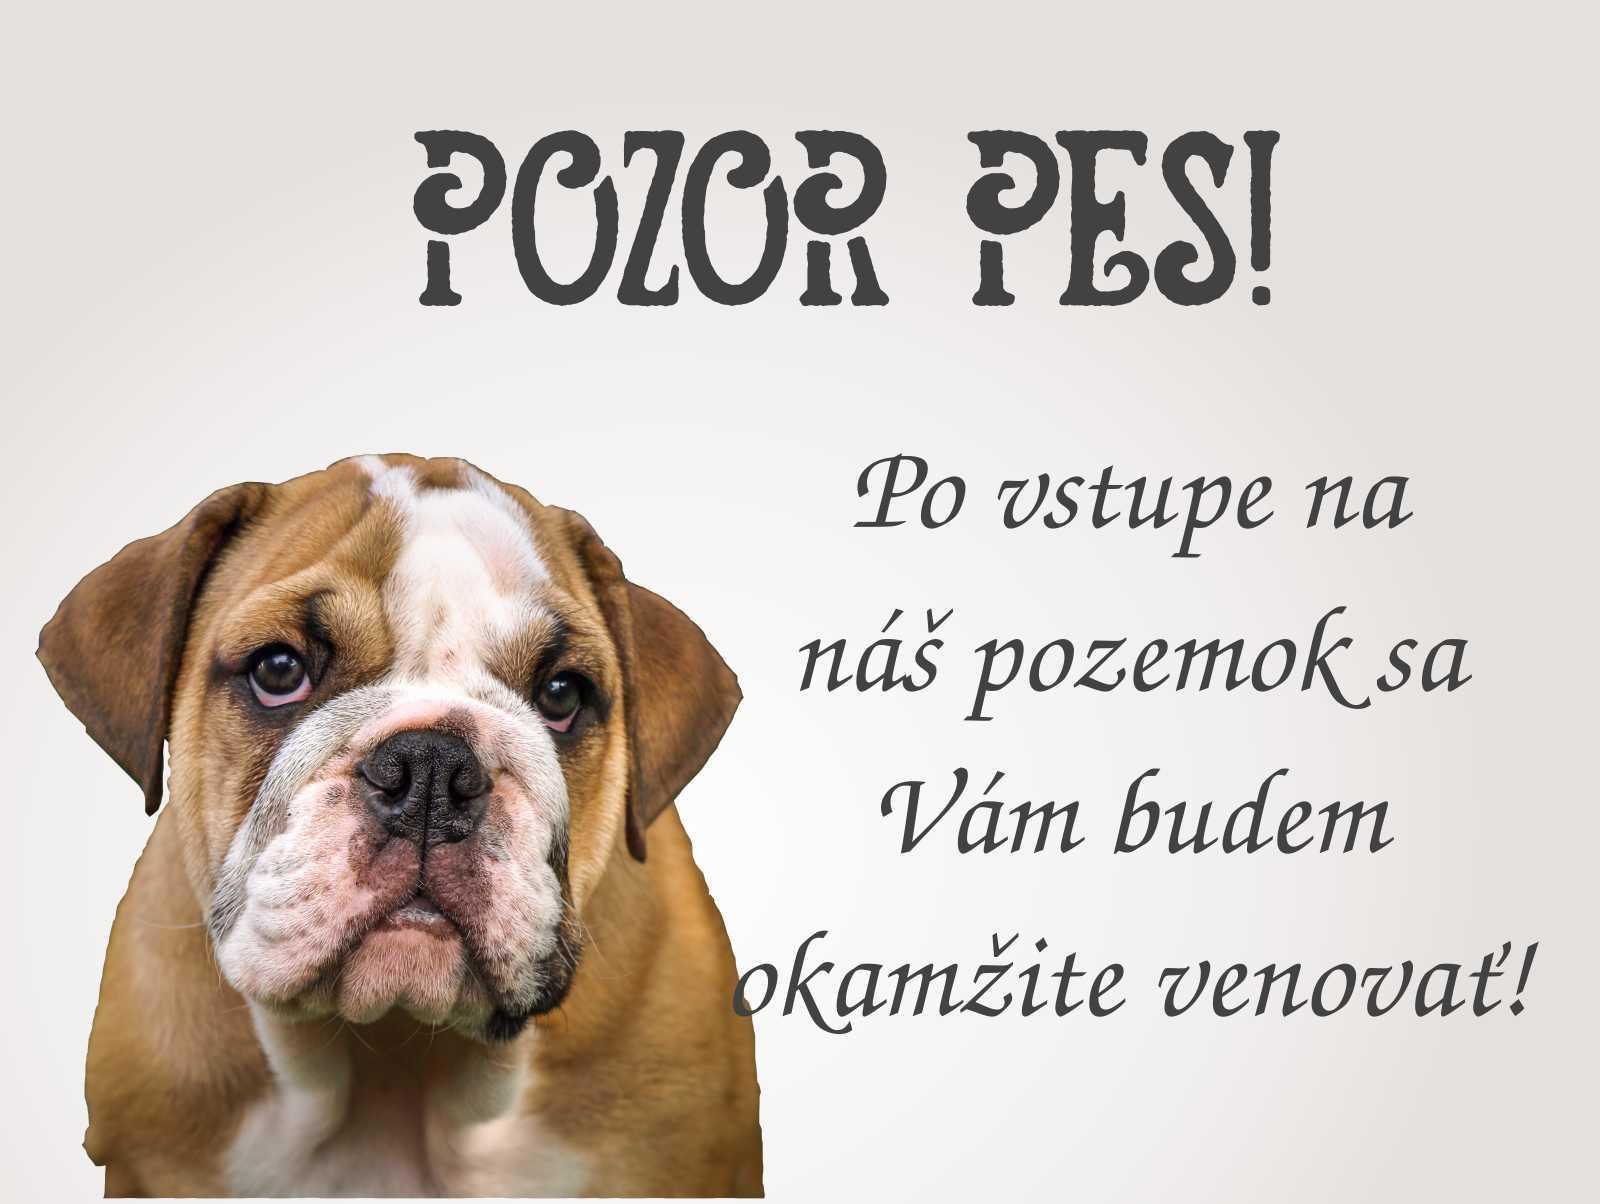 Tabuľka : Pozor pes! - Obrázok č. 2